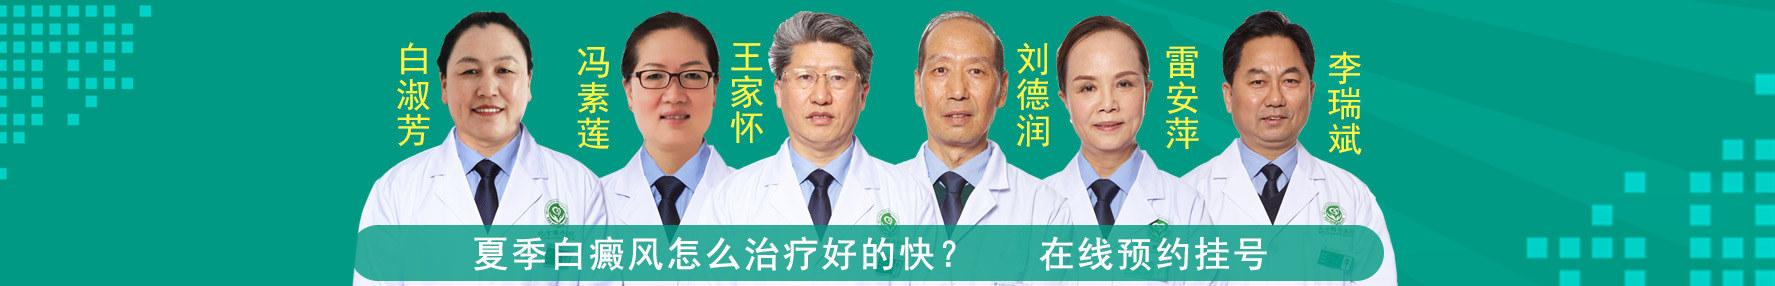 北京白癜风在线视频偷国产精品